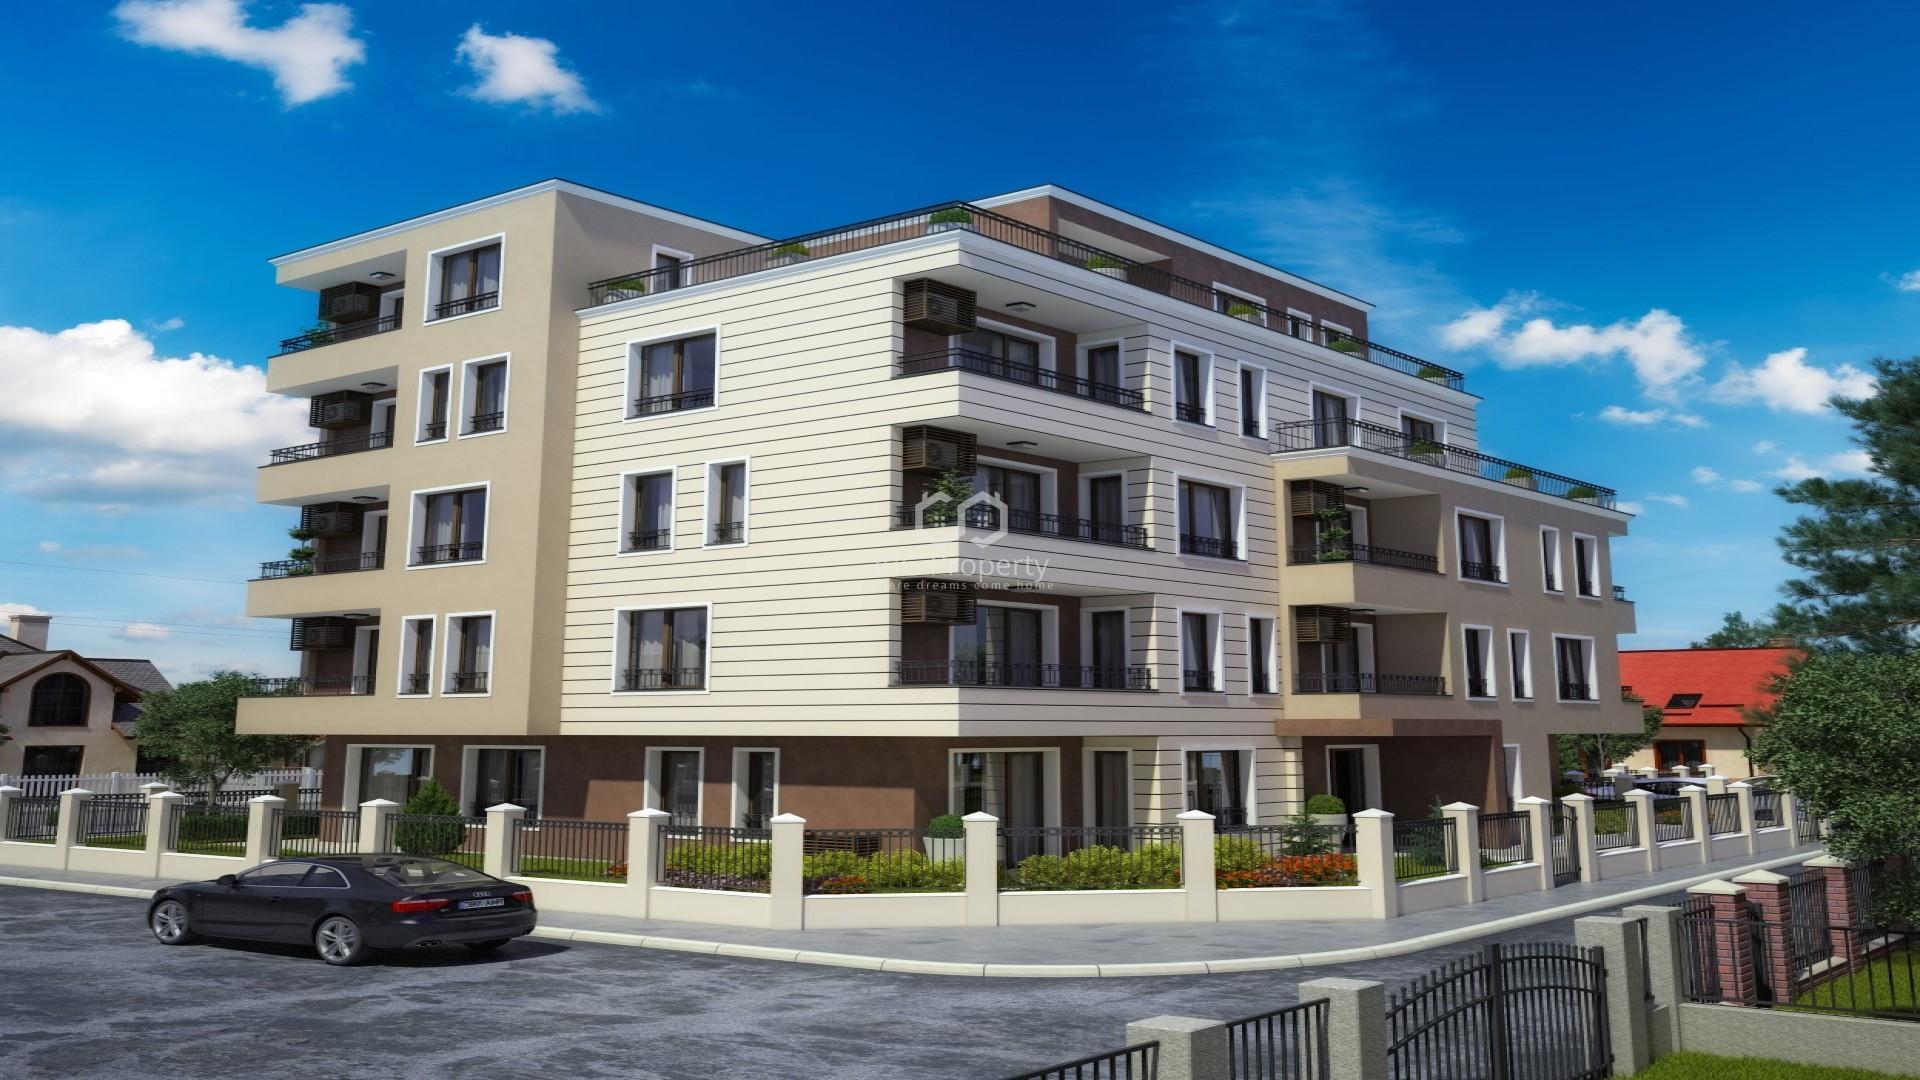 Zweizimmerwohnung in Ravda 48 m2